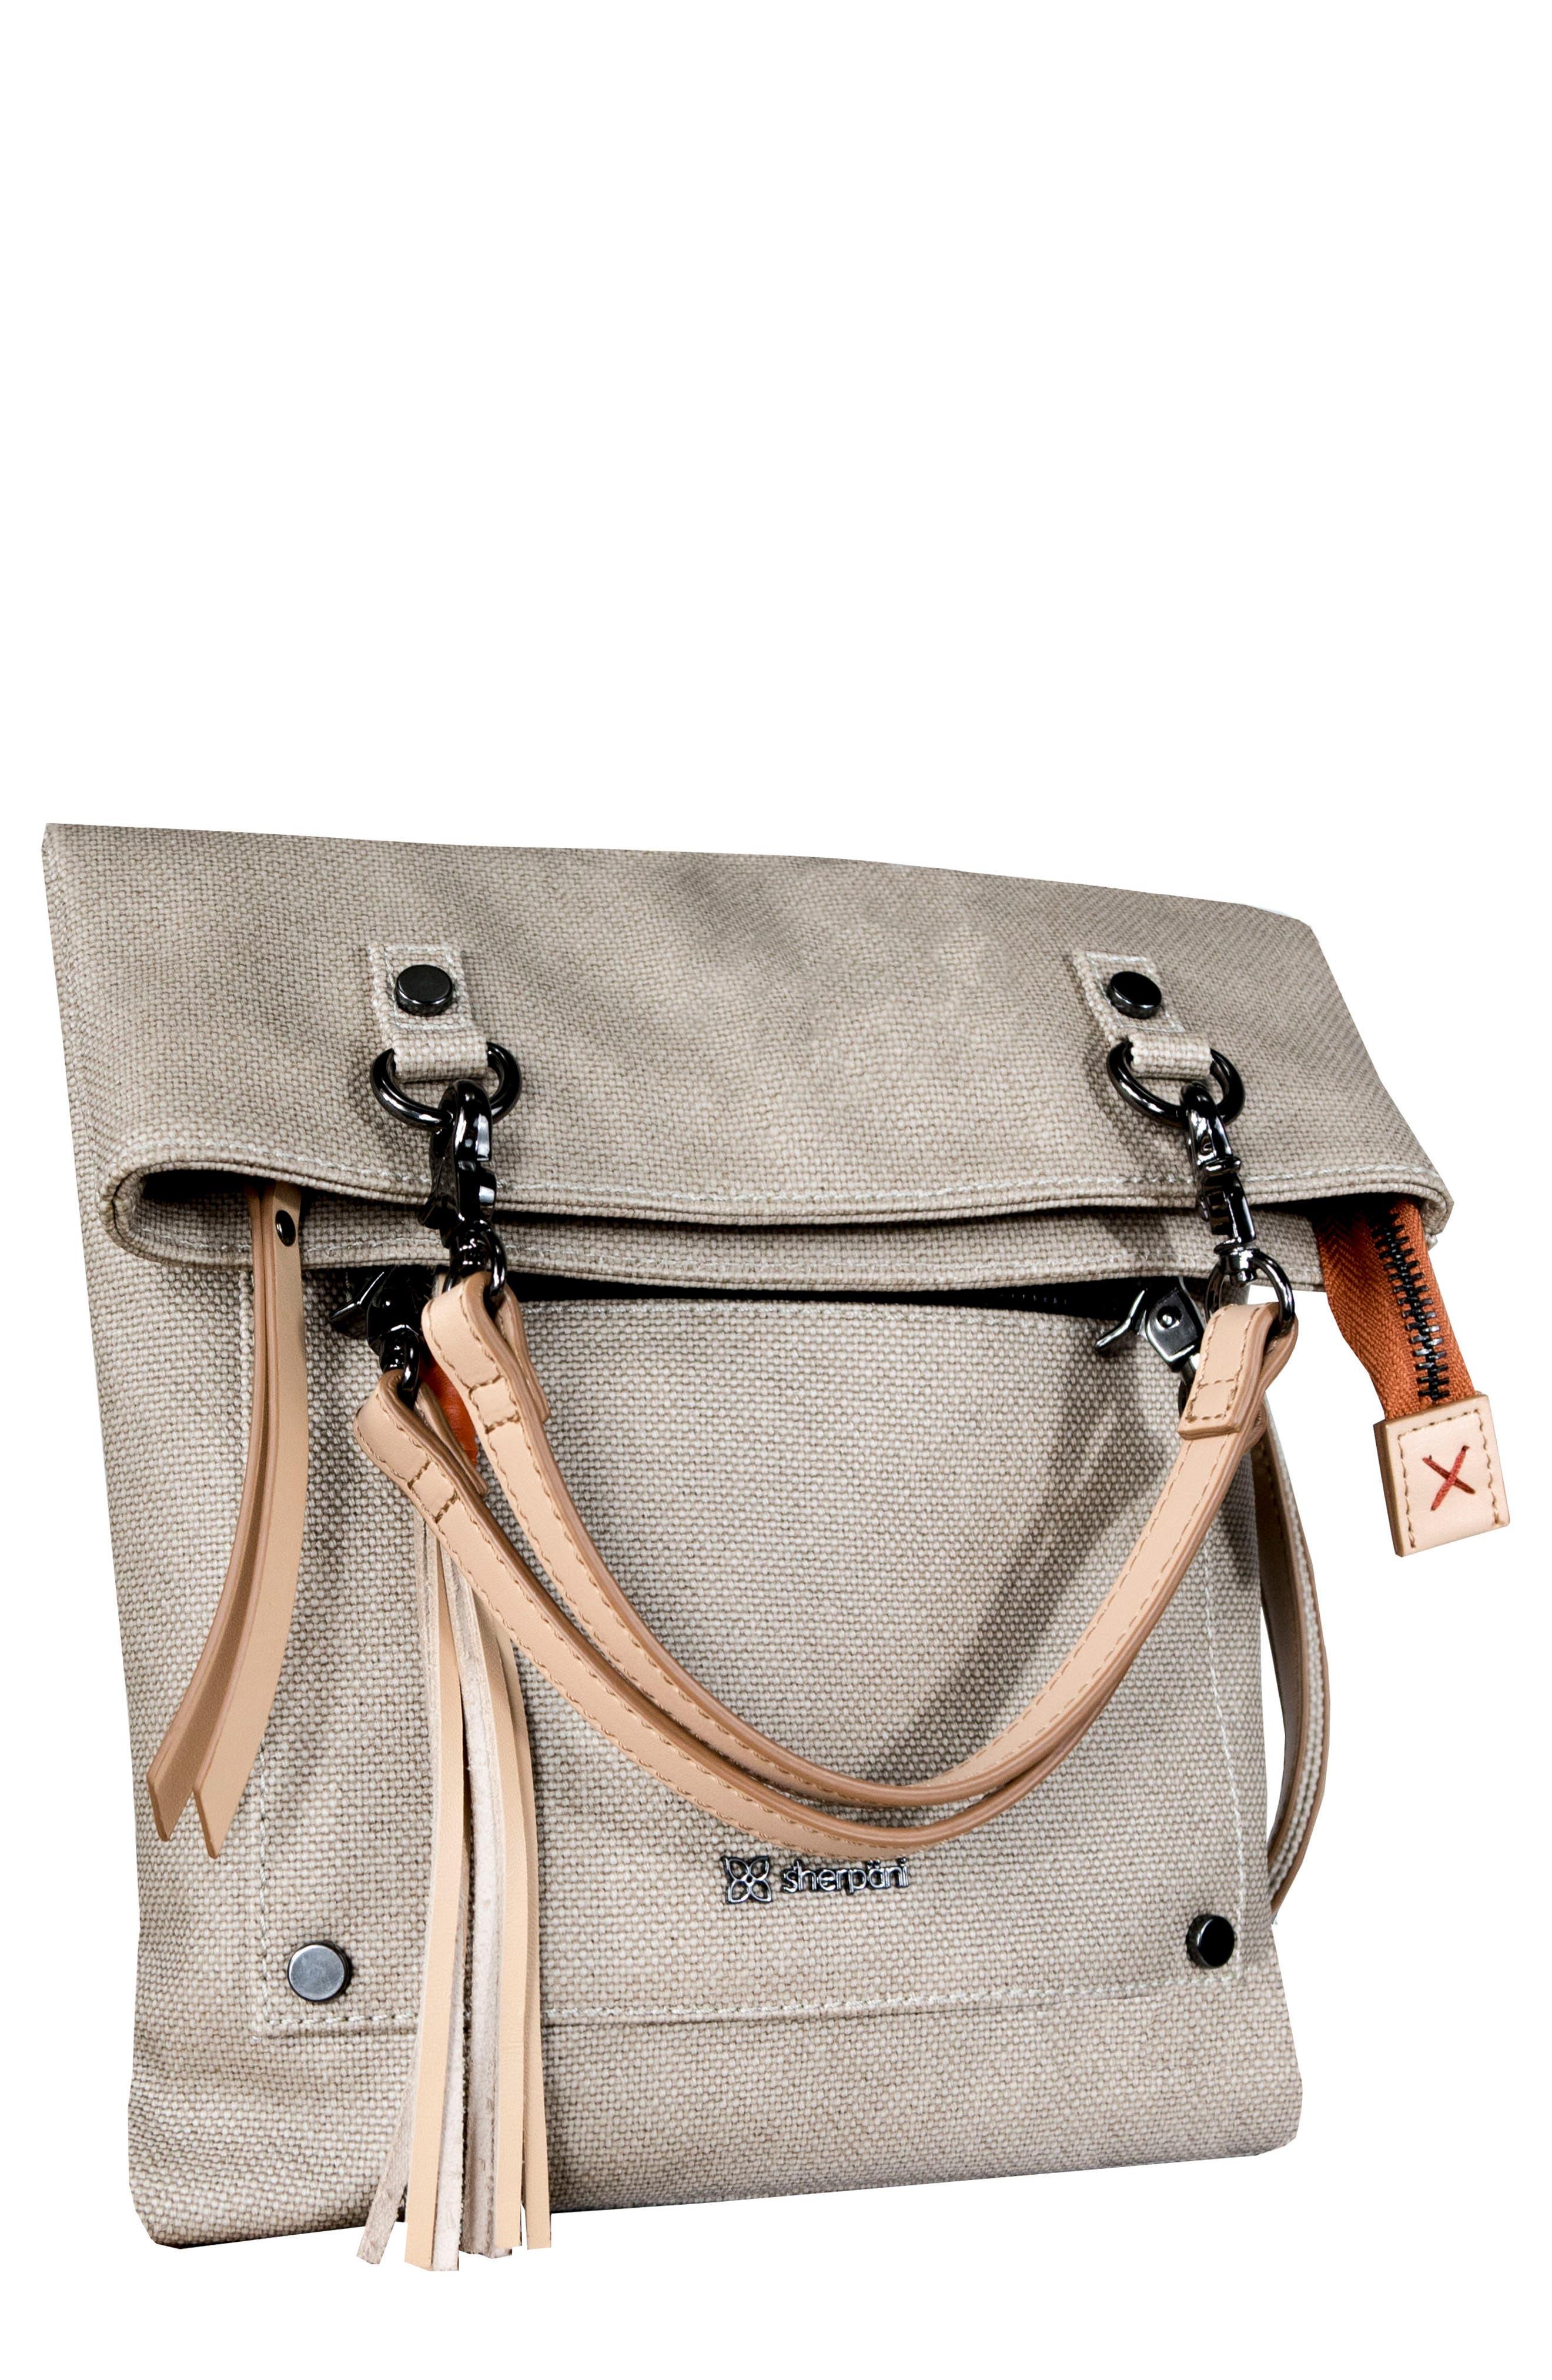 SHERPANI, Rebel Coated Canvas Crossbody Bag, Main thumbnail 1, color, NATURAL